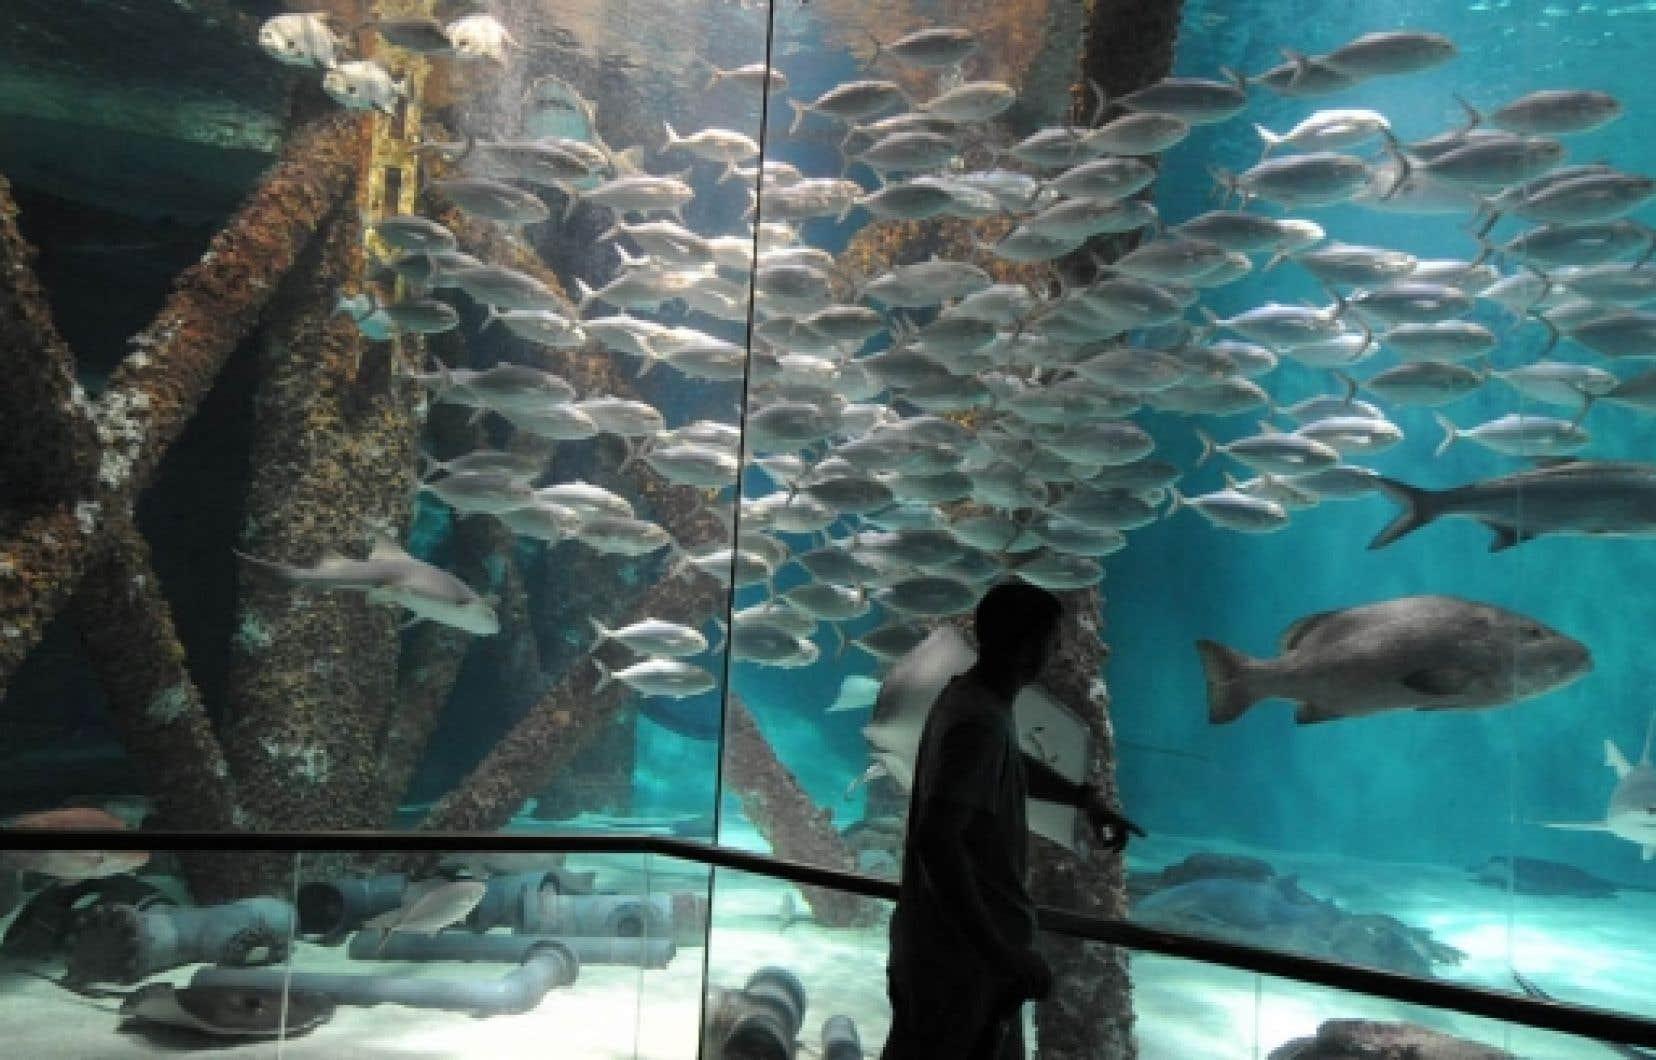 L'Aquarium des Amériques de l'Institut Nature Audubon de La Nouvelle-Orléans présente une saisissante reconstitution de la vie sous-marine qui prospère «normalement» autour d'une plate-forme pétrolière sise au large des côtes de la Louisiane.